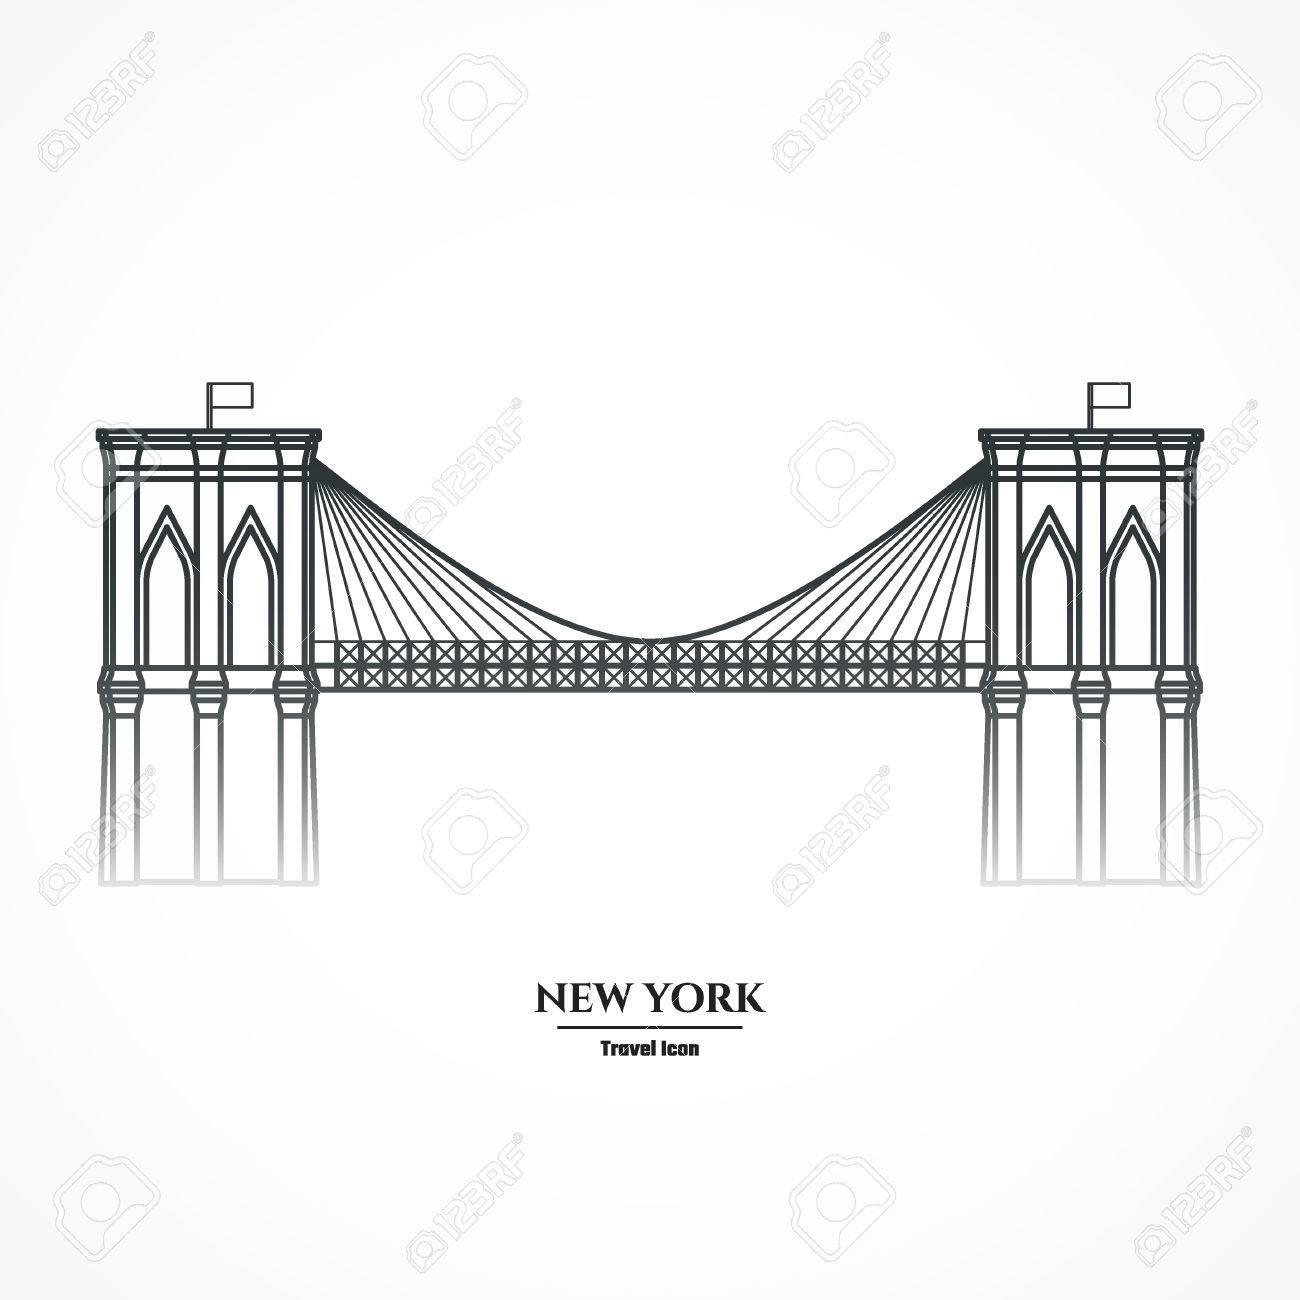 illustration outline brooklyn bridge royalty free cliparts rh 123rf com brooklyn bridge silhouette vector brooklyn bridge silhouette vector free